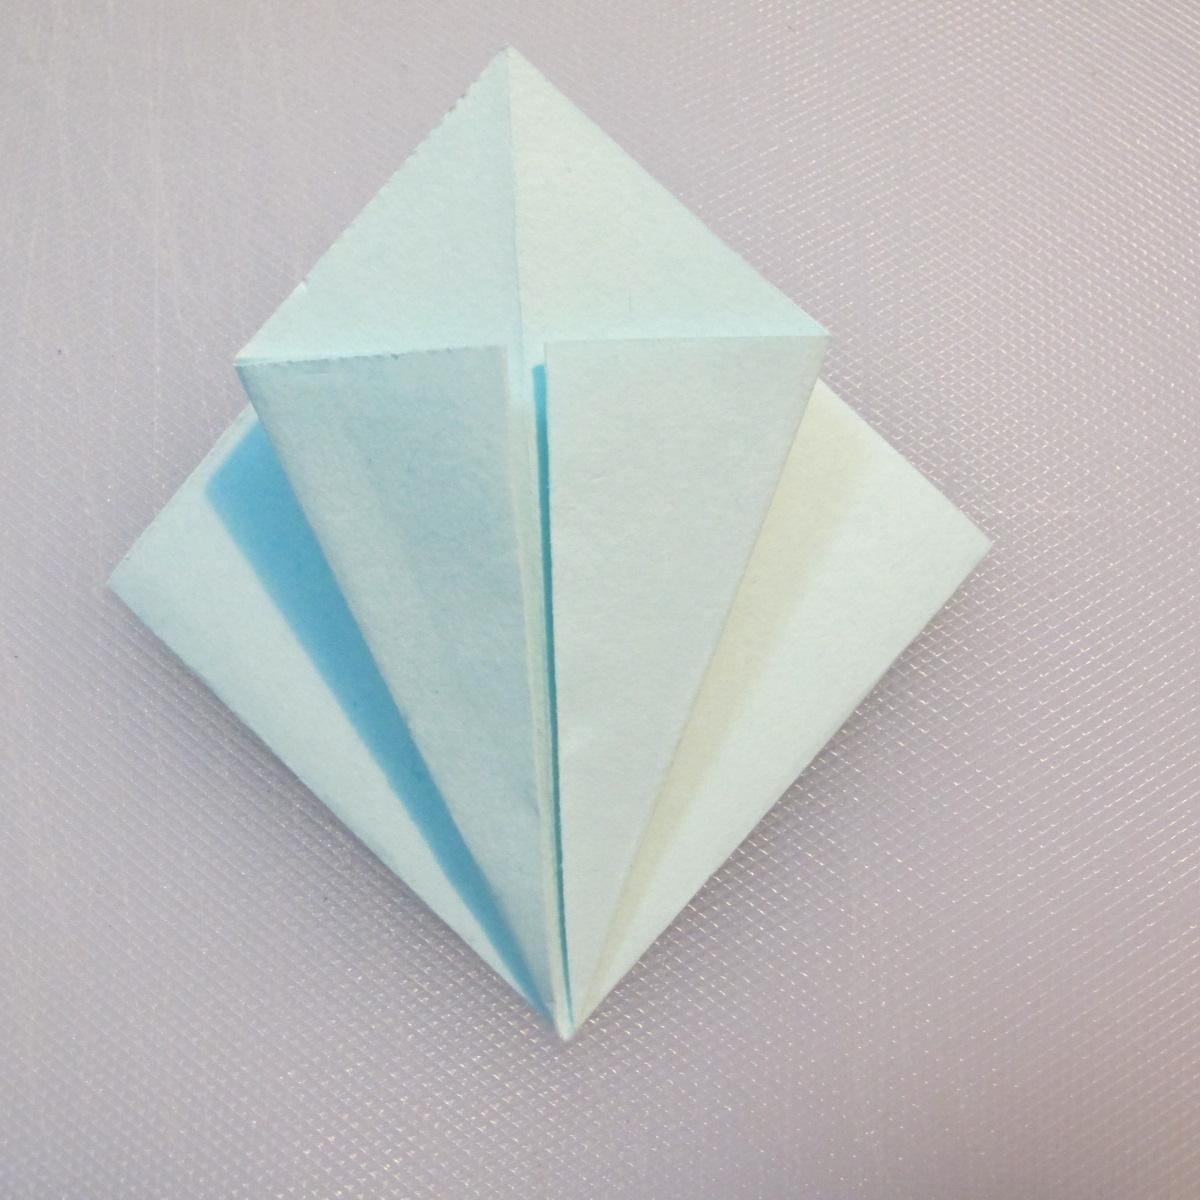 การพับกระดาษรูปดอกมอร์นิ้งกลอรี่ (Origami Morning Glory – アサガオの折り紙) 005